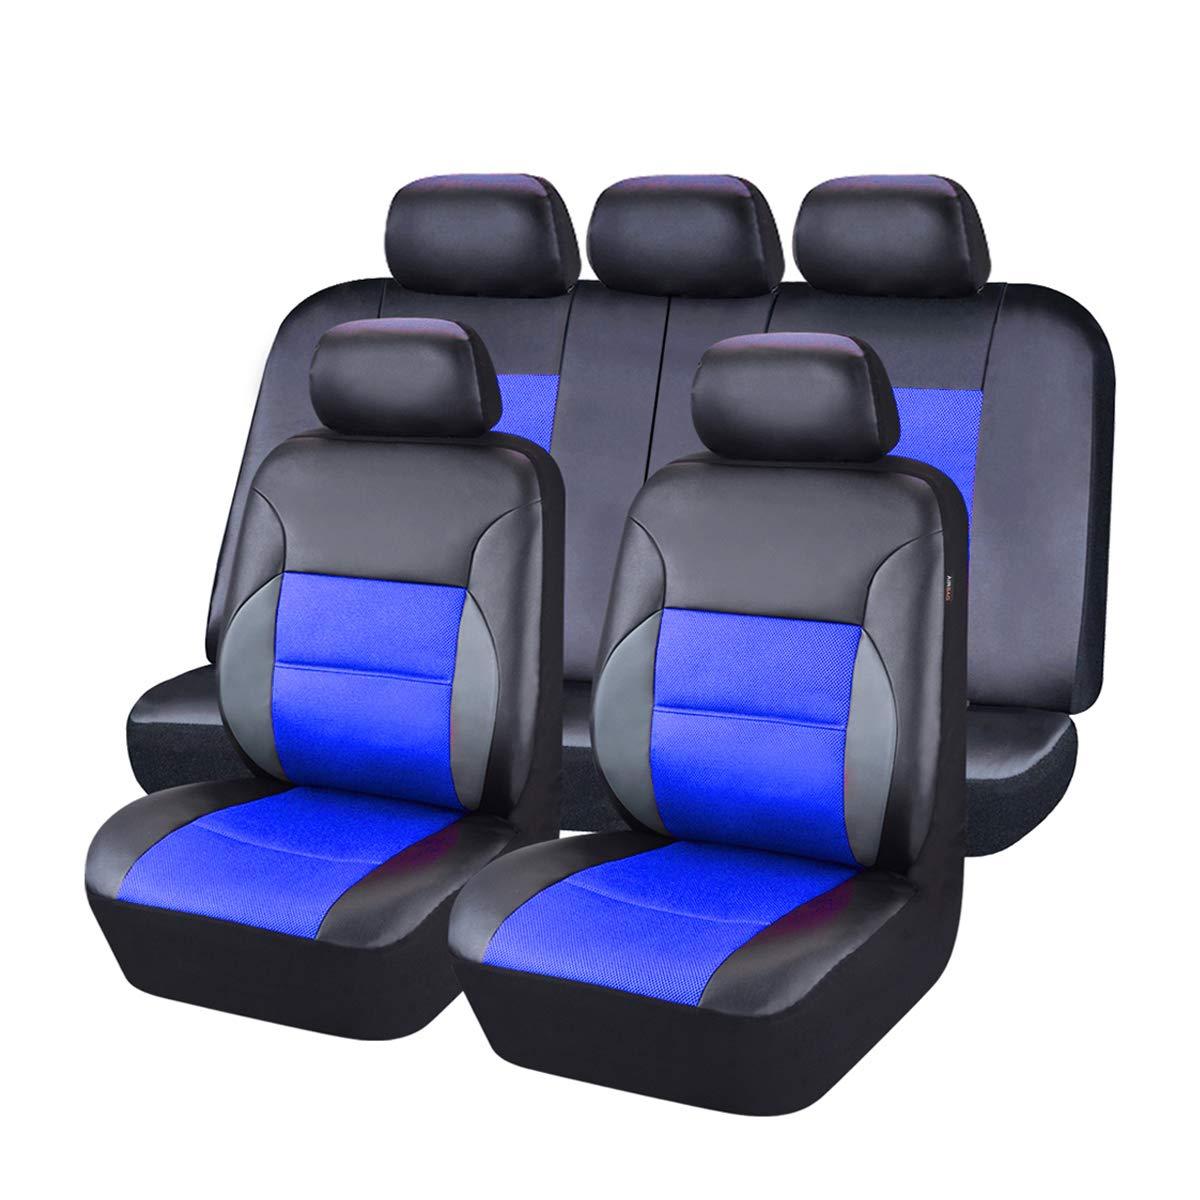 Voiture Pass/ airbag Compatible. avec 5/mm Composite /éponge /à lint/érieur /11/pcs Luxurous PU Cuir Automotive Ensemble de housses de si/ège universelles Package-universal Fit pour les v/éhicules